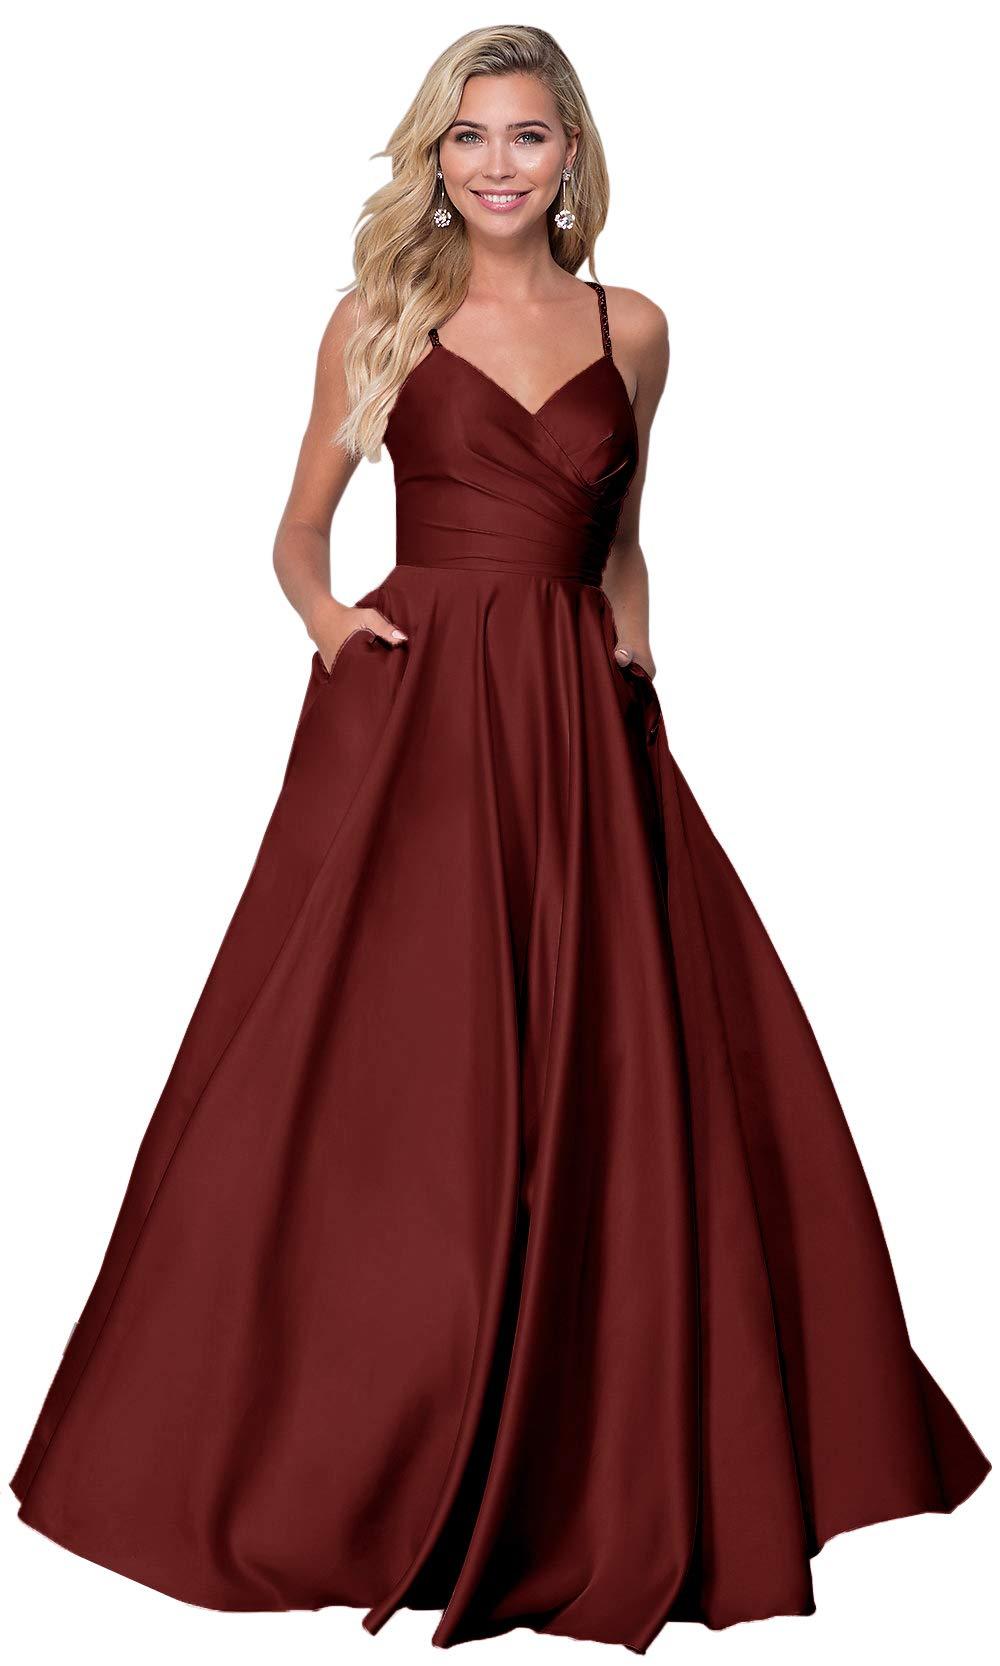 7c226eda3e27 Home/Brands/Zhongde Dresses/Zhongde Women's V Neck Open Back Beaded  Spaghetti Strap Satin Prom Dress Long Evening Gown Burgundy Size 8. ; 